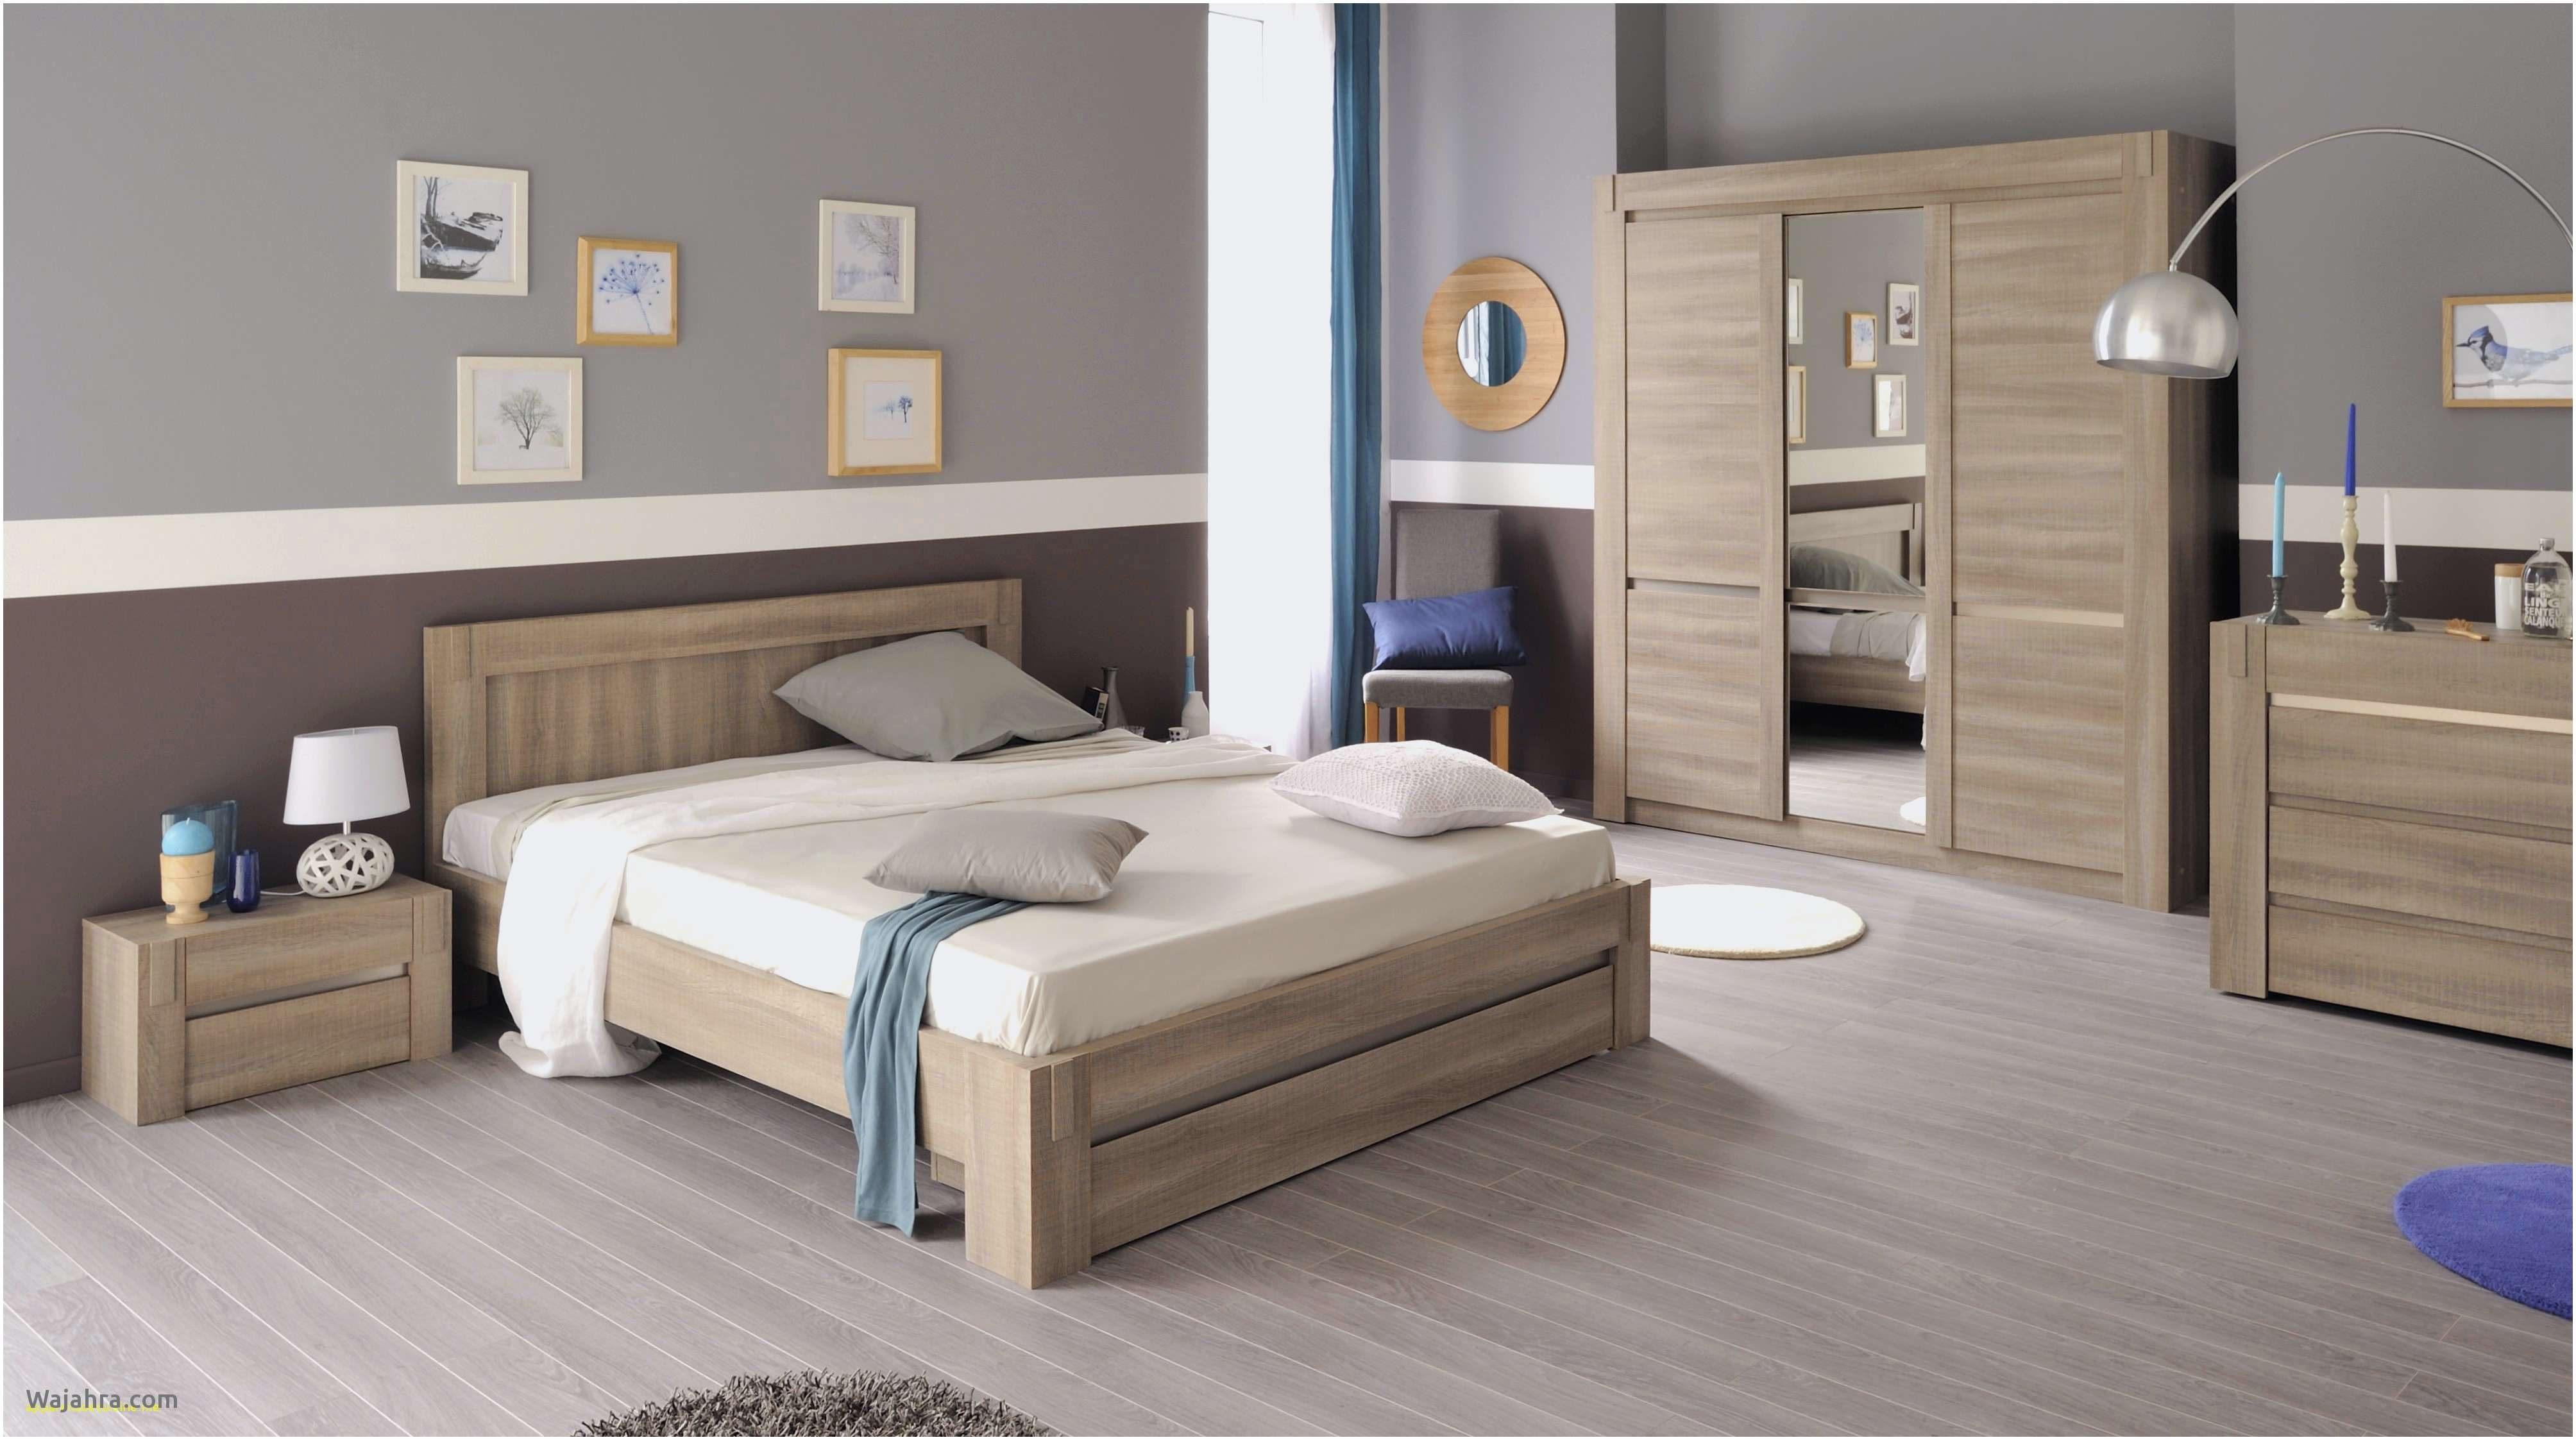 Lit Plateforme Ikea Agréable Frais Lit Moderne élégant Meuble Bois Exotique Pas Cher Lit Meuble